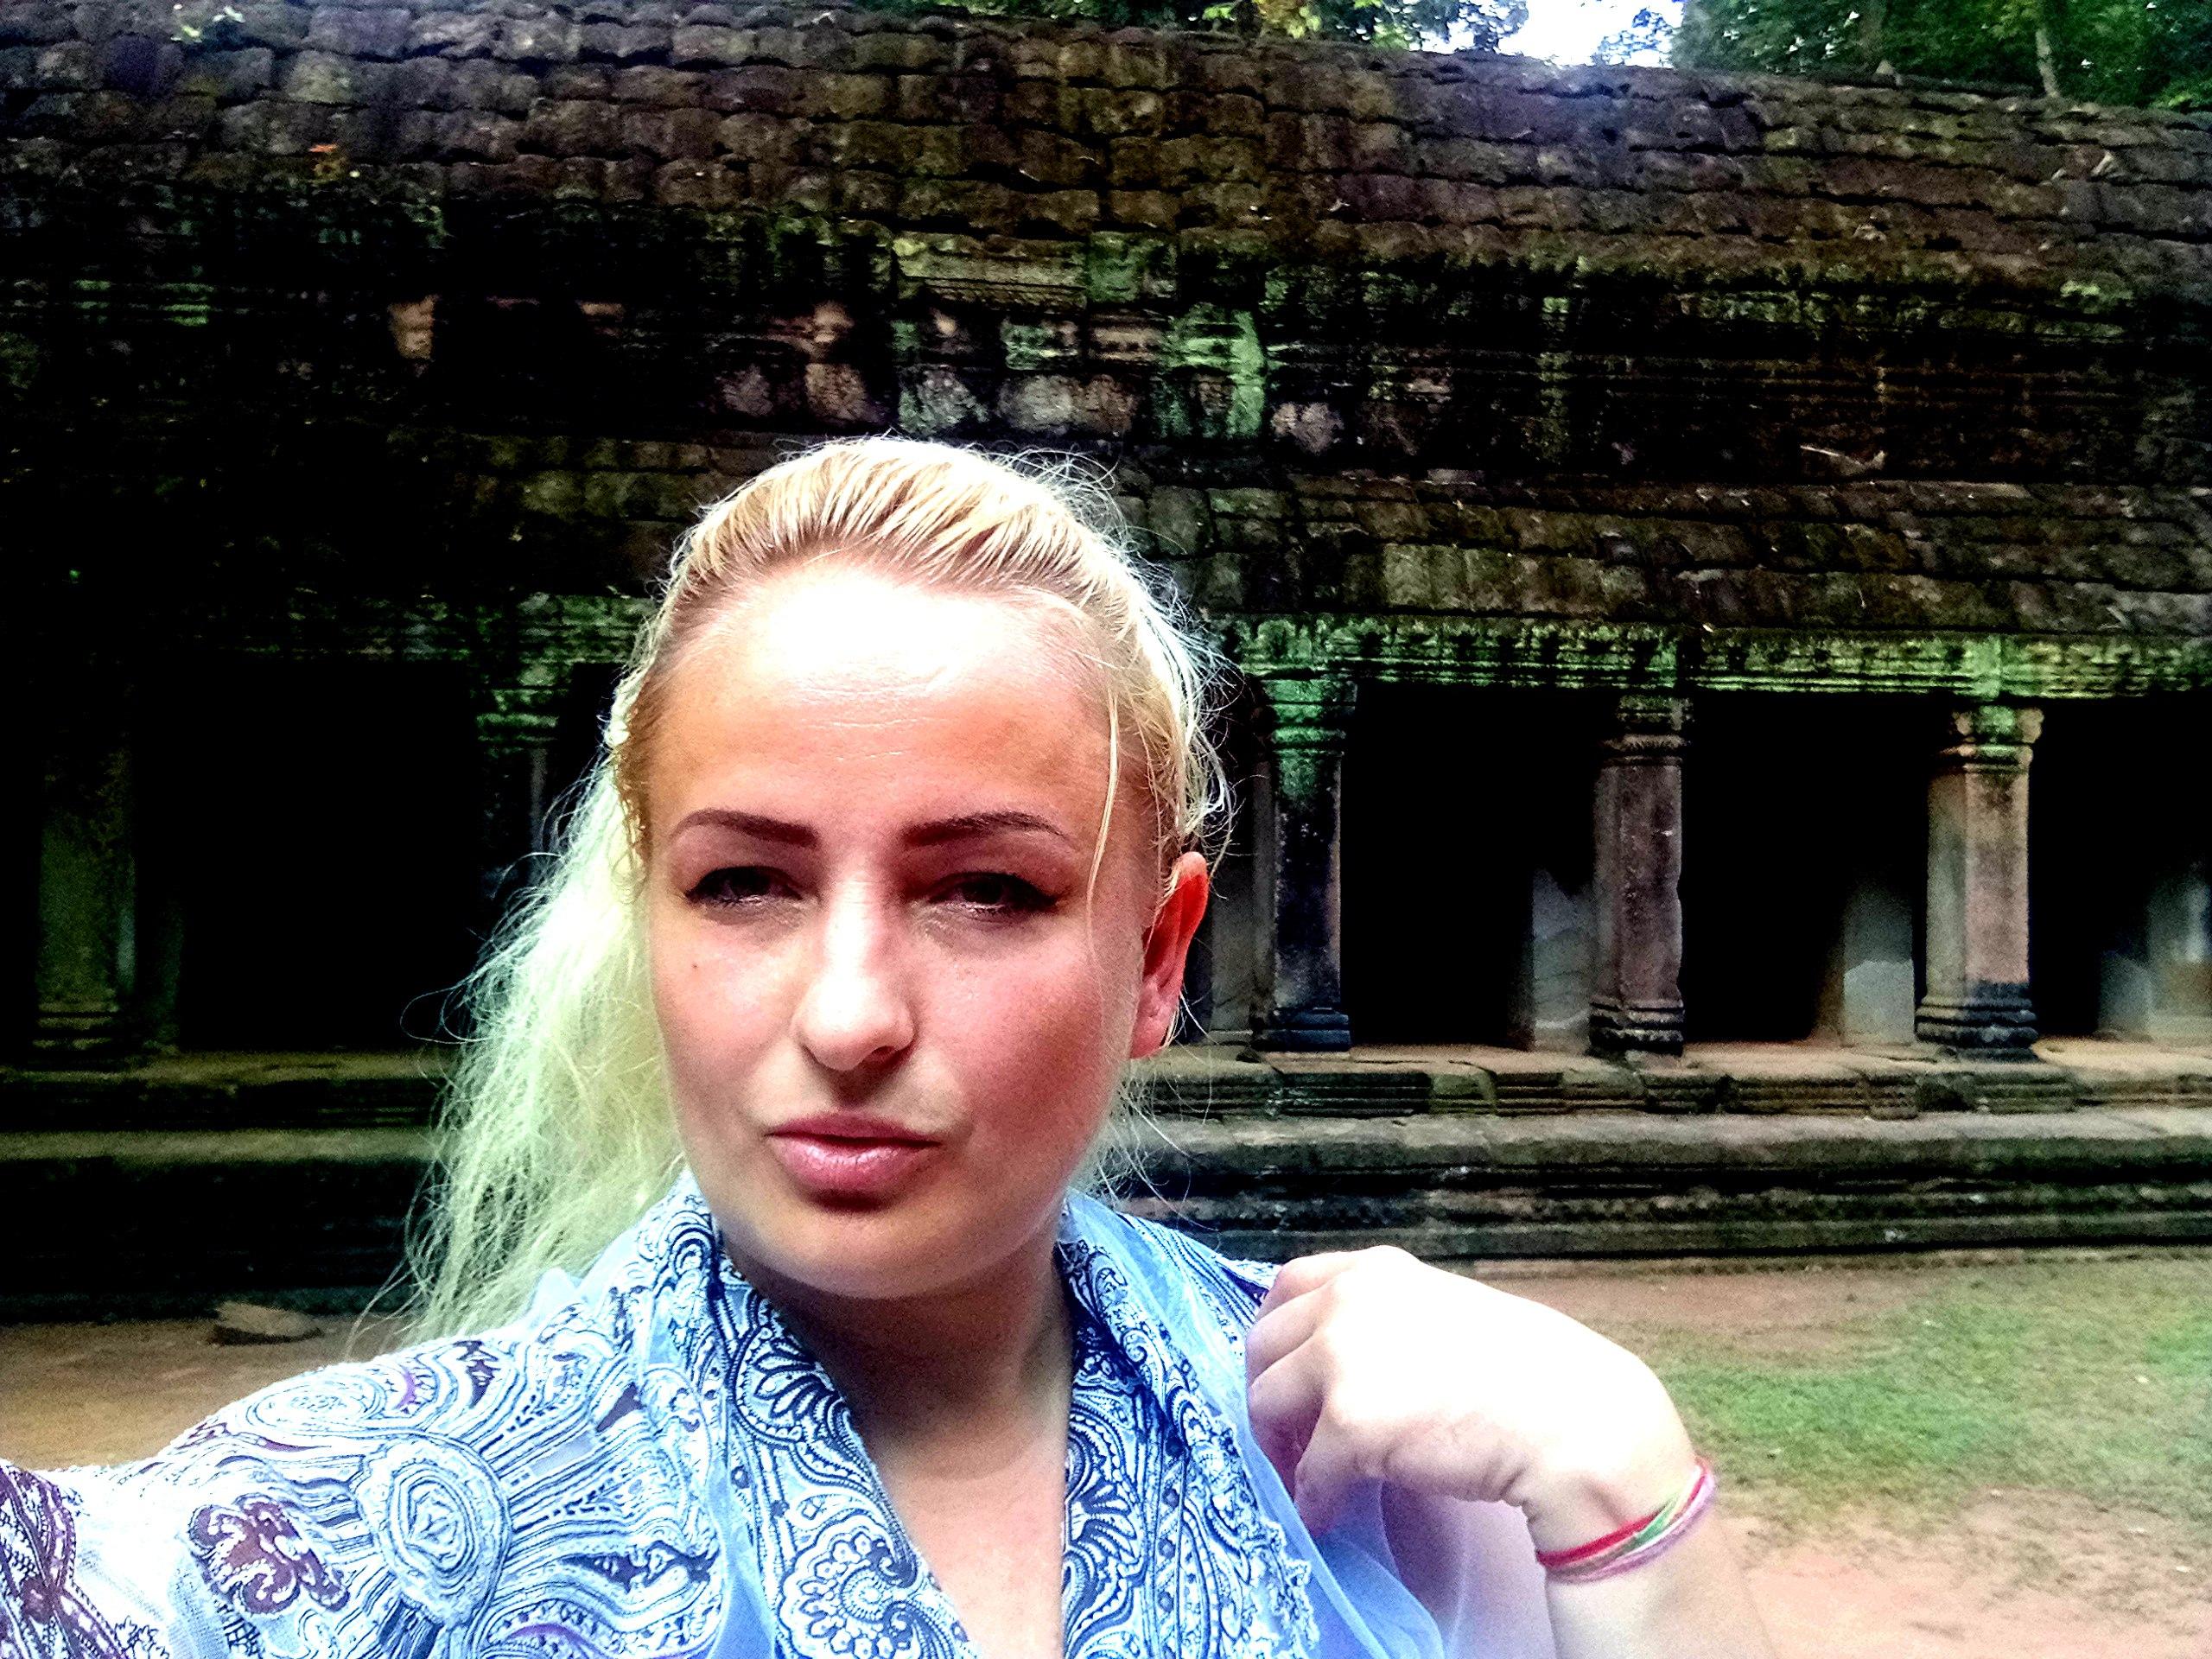 Елена Руденко (Валтея). Камбоджа. Ангкор. - Страница 3 1Vfg1s7uueA